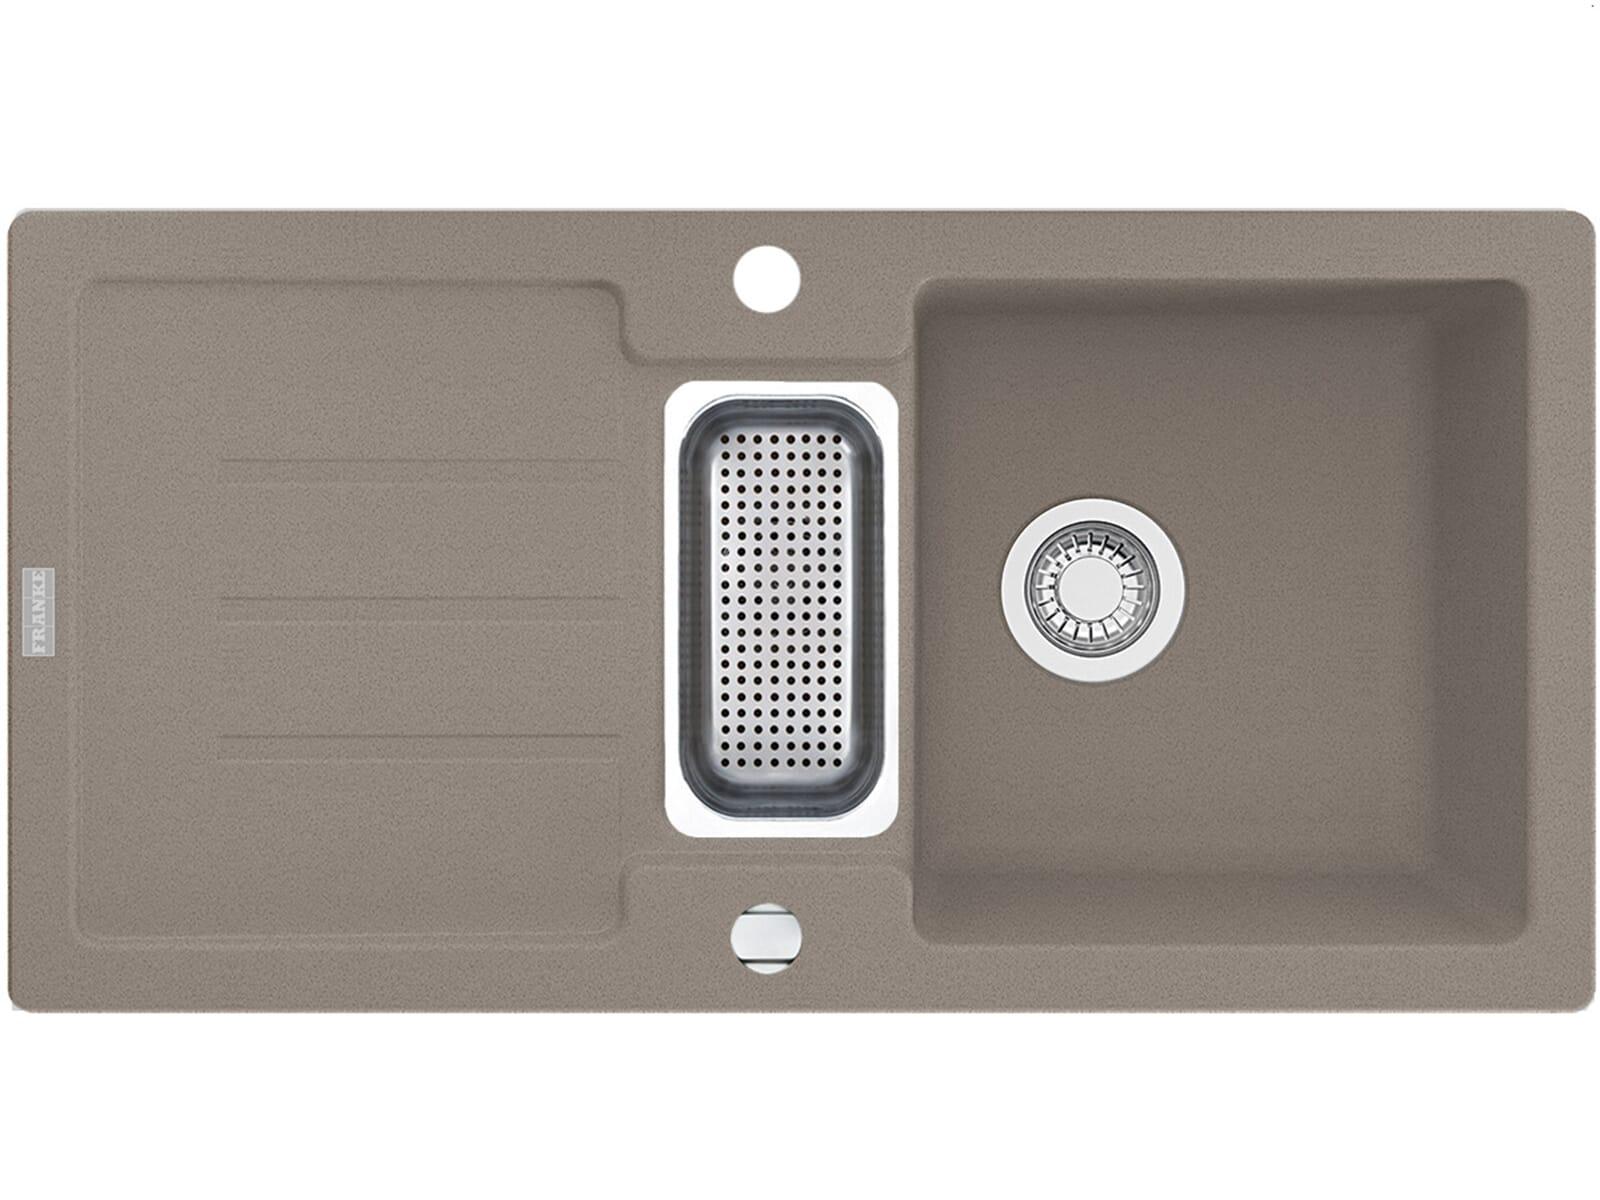 Franke Strata STG 651-86 Cashmere Granitspüle